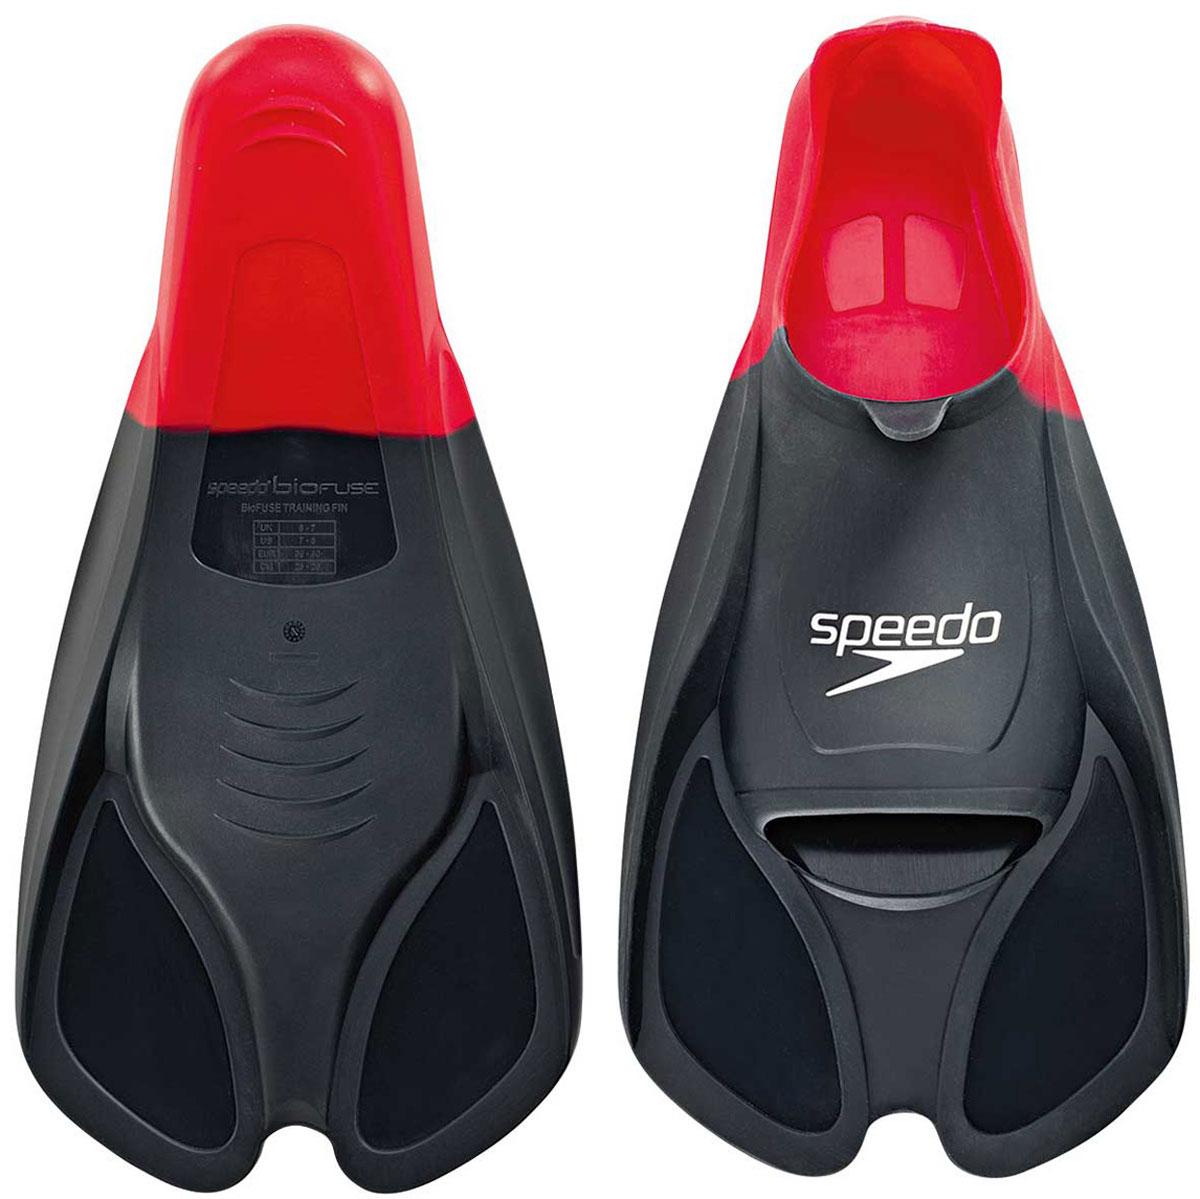 Ласты для плавания Speedo, цвет: красный. Размер 10-11. 8-088413991